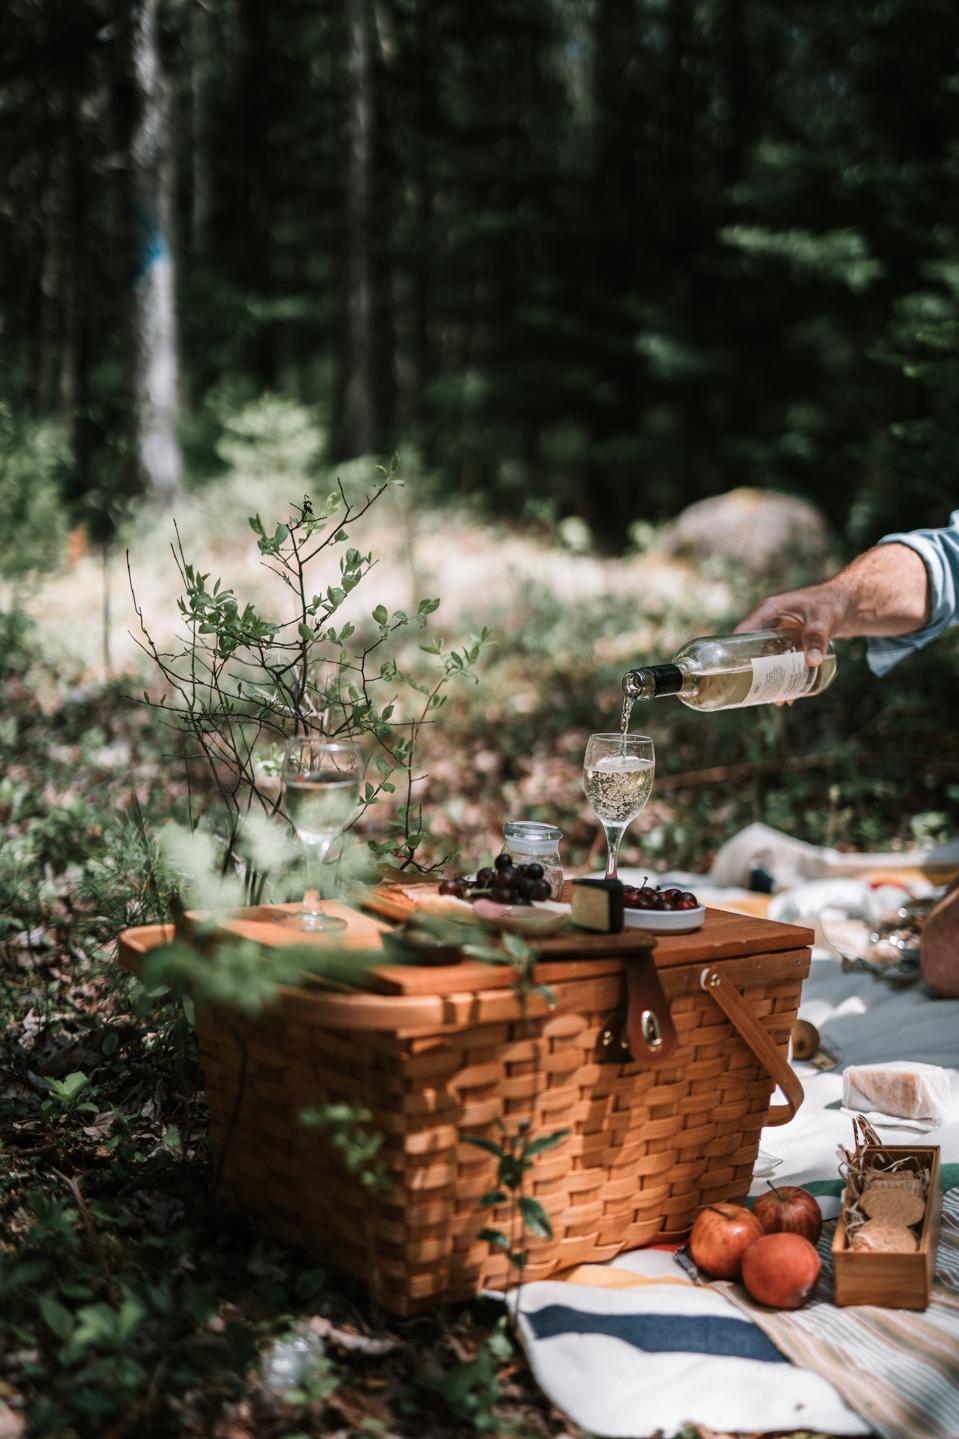 A chef-prepared picnic lunch